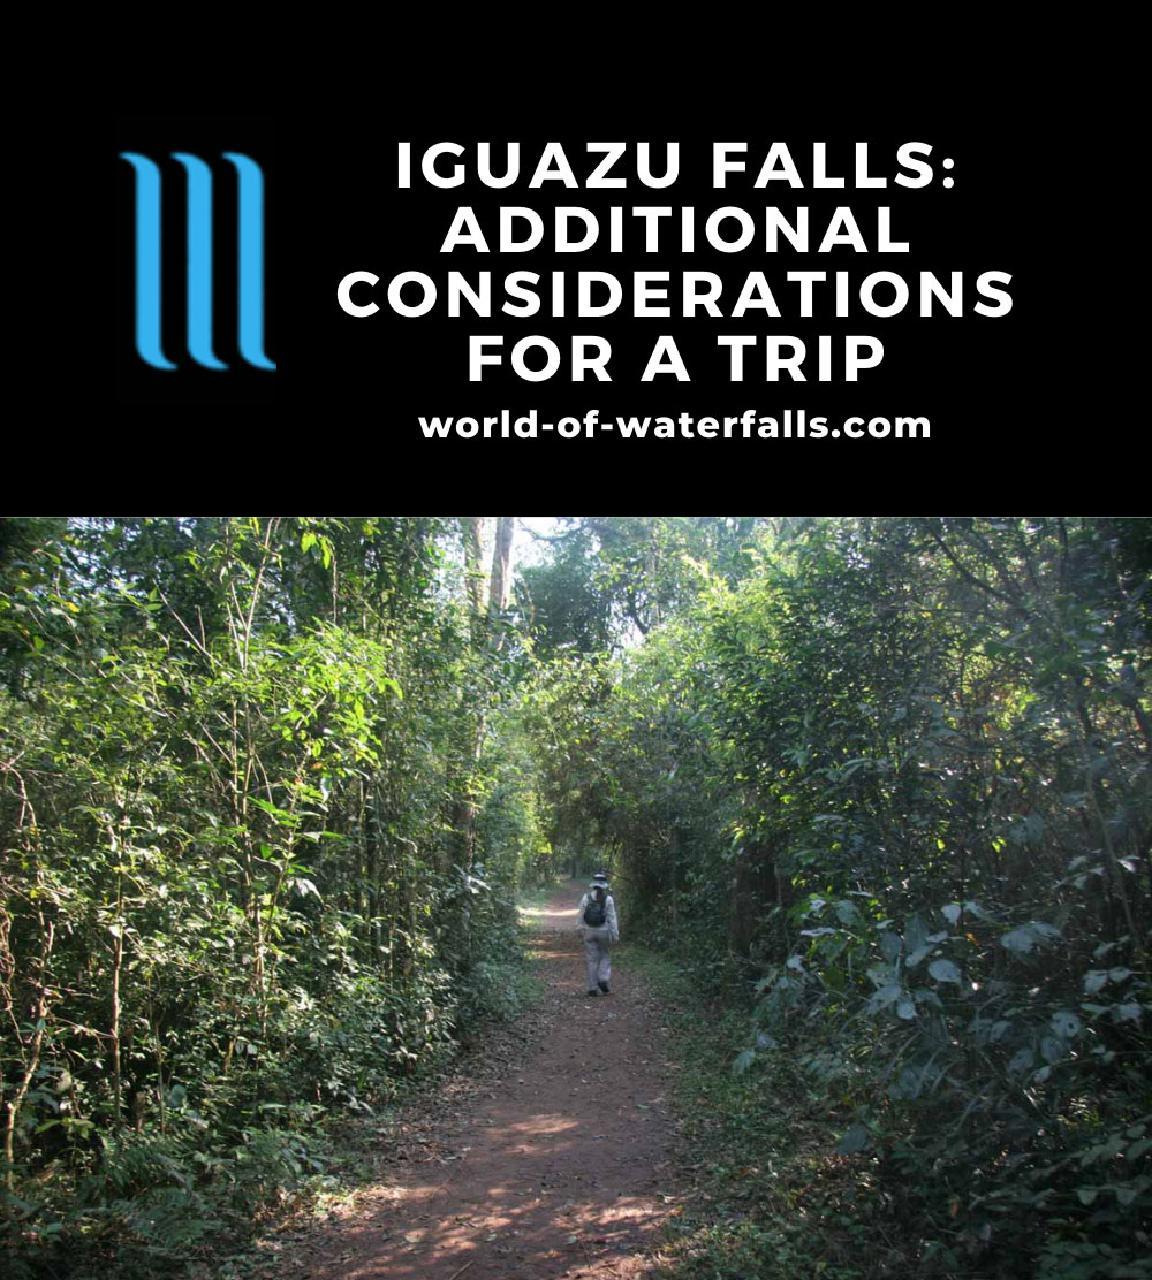 Iguazu Falls: Additional Considerations for a Trip